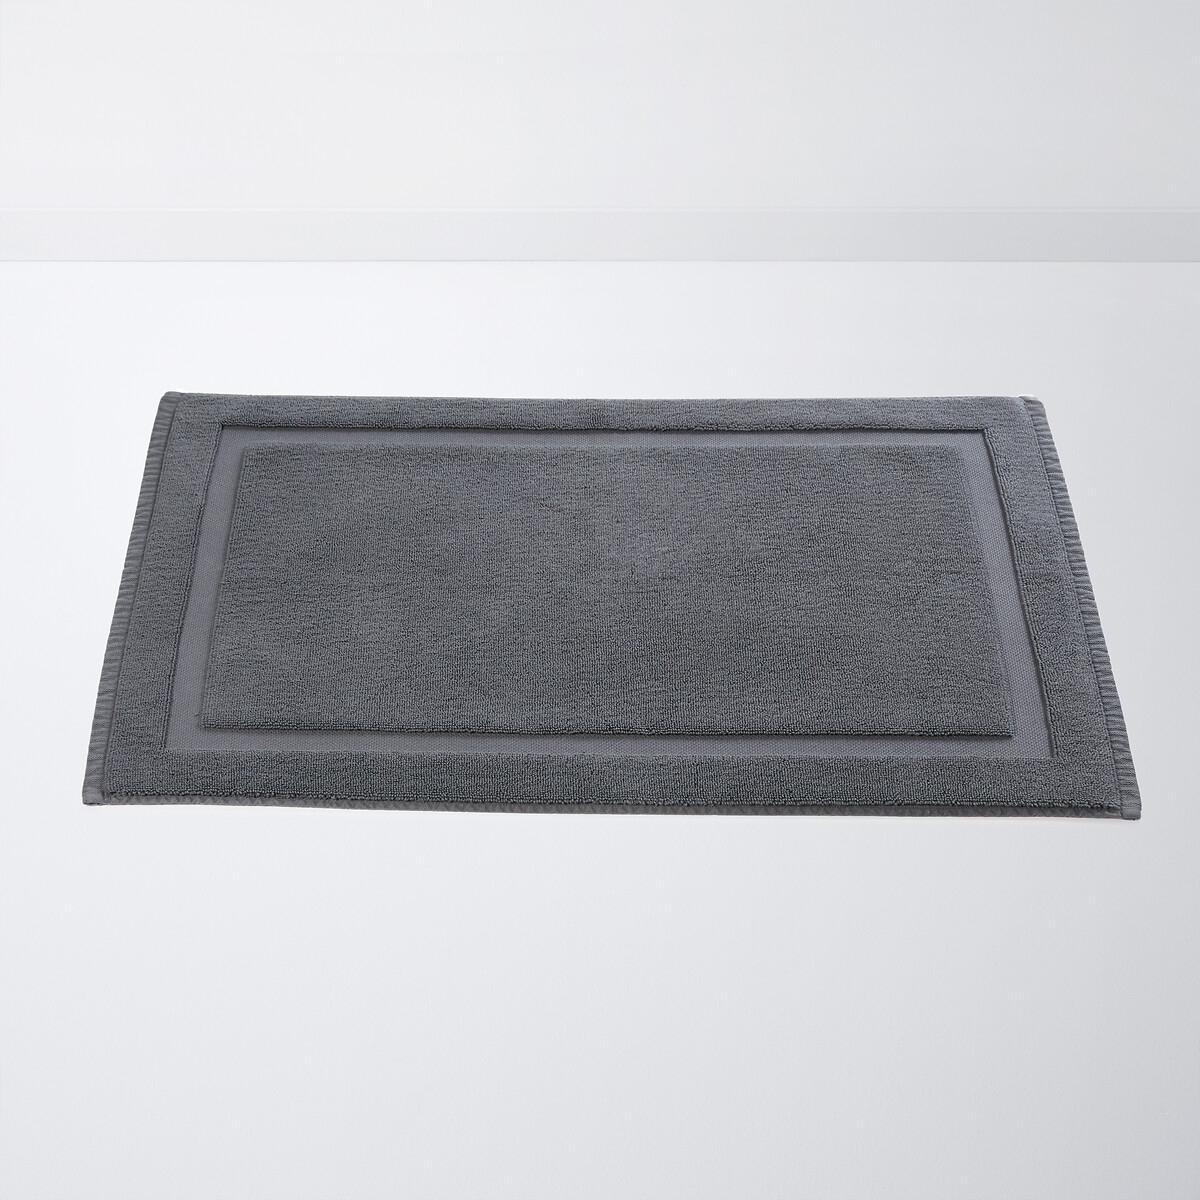 Коврик LaRedoute Для ванной из биохлопка Helmi 50 x 80 см серый